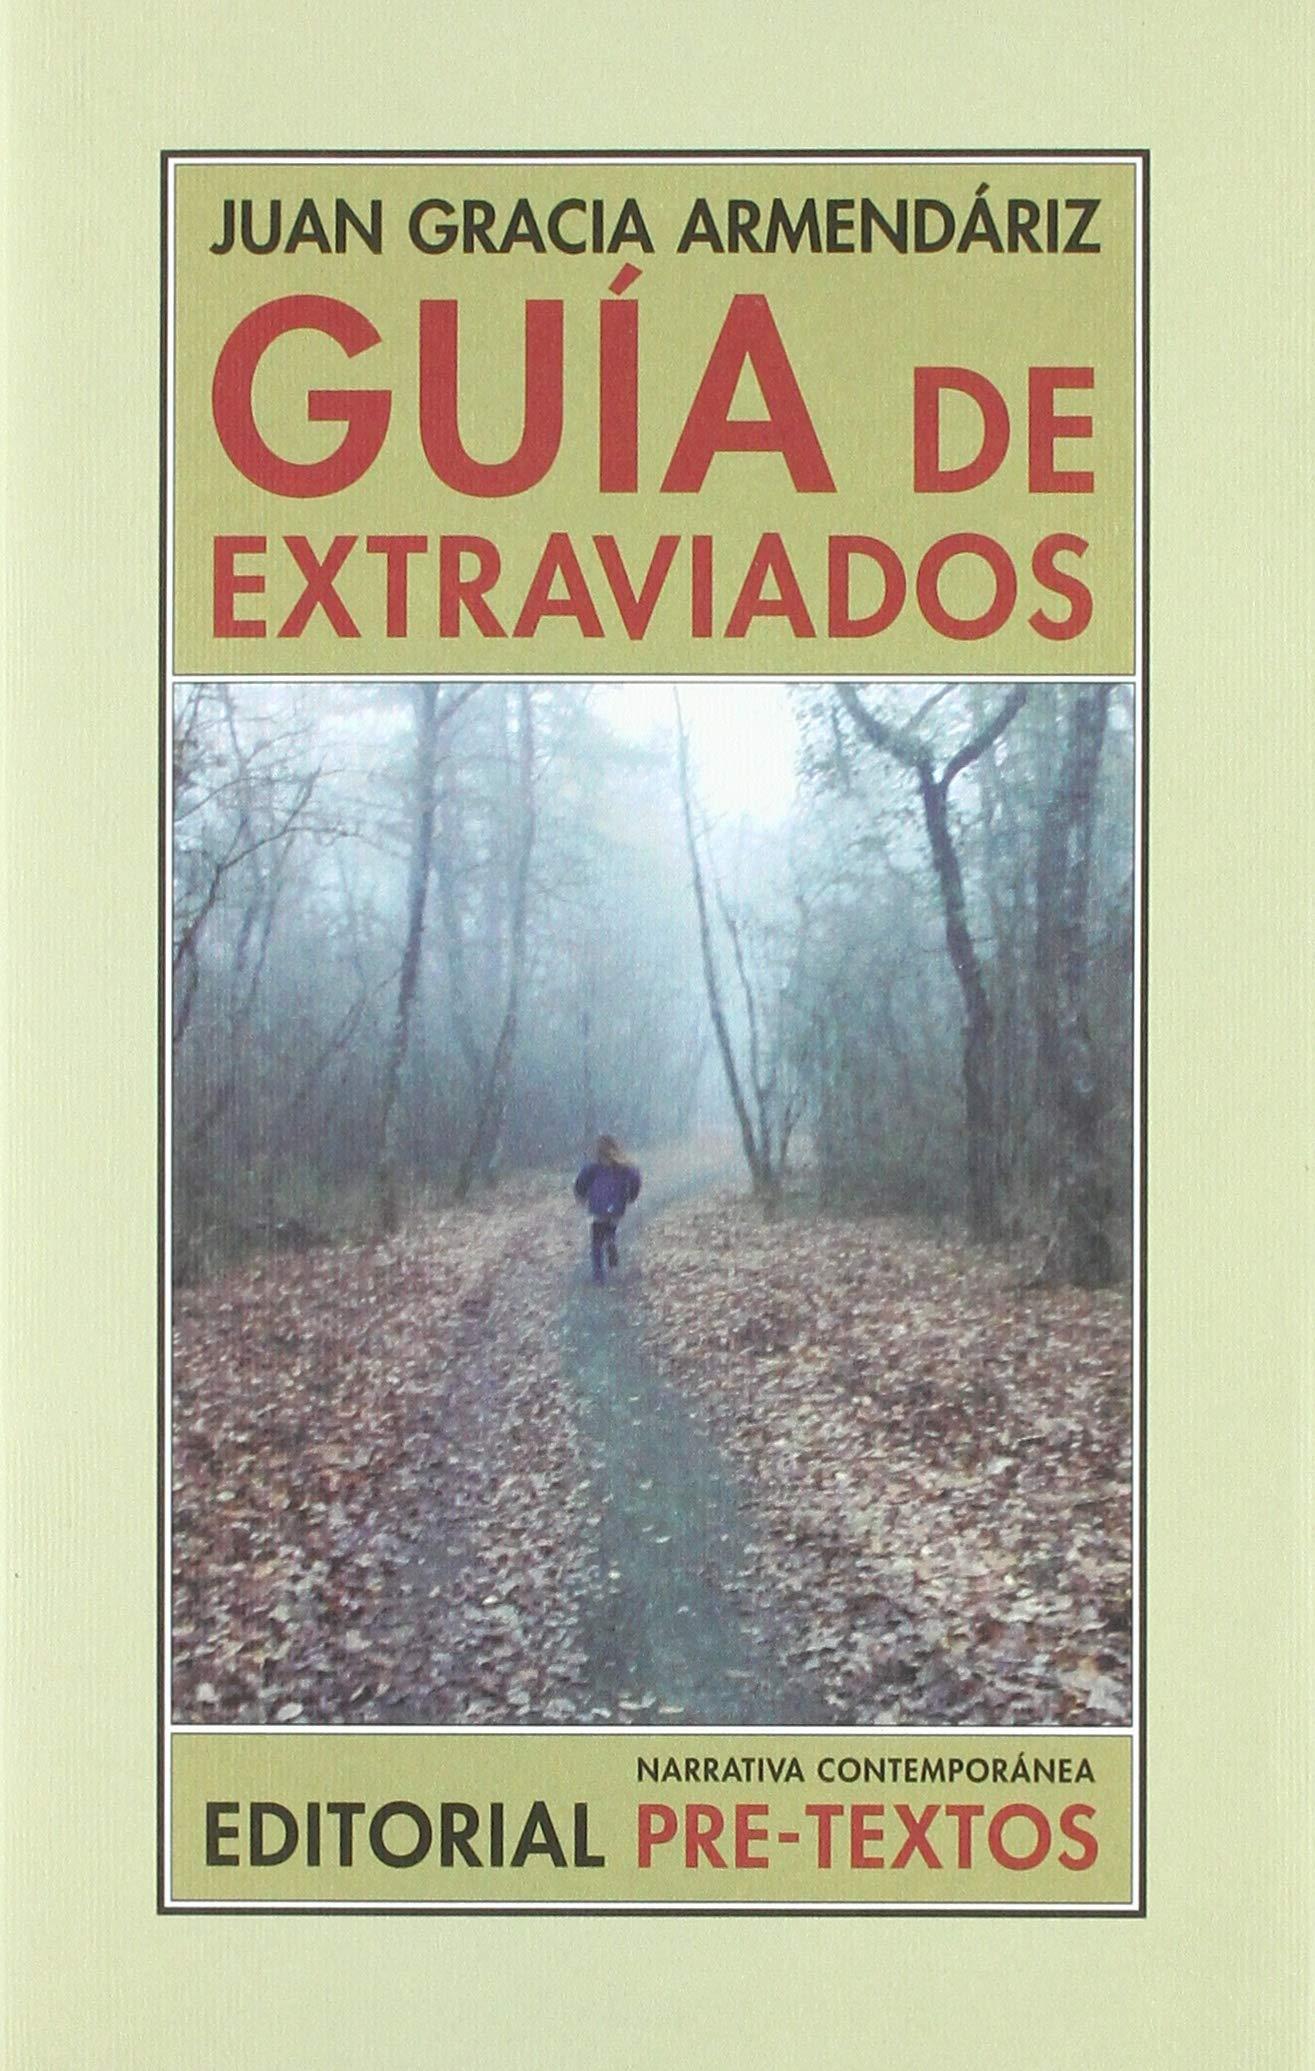 Guía De Extraviados (Narrativa Contemporánea): Amazon.es: Juan Gracia Armendáriz: Libros